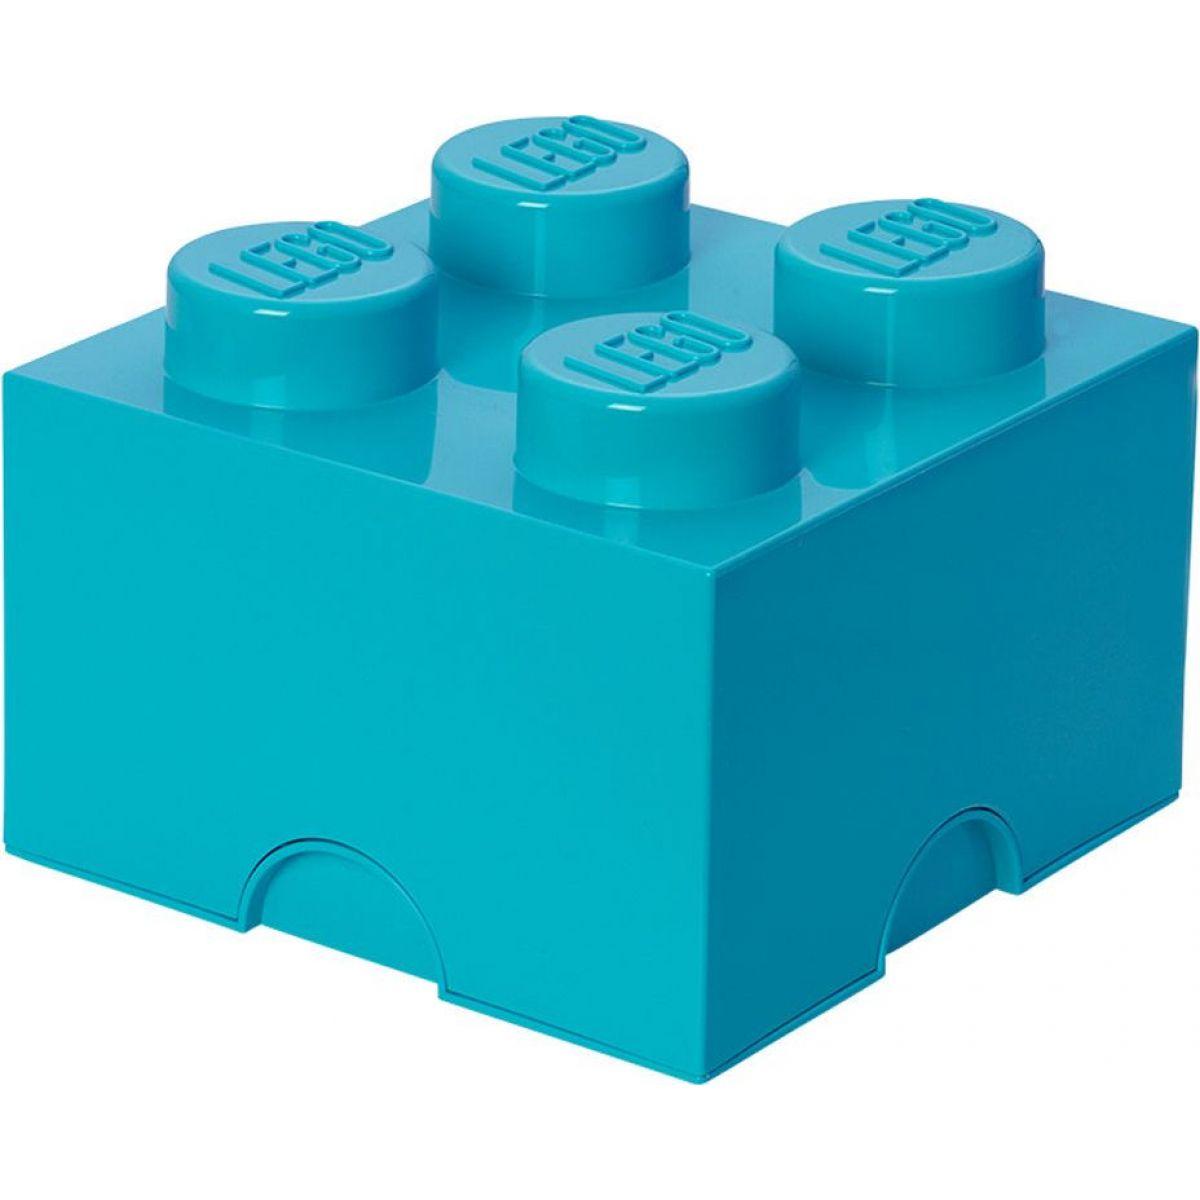 LEGO Úložný box 25x25x18cm Azurová